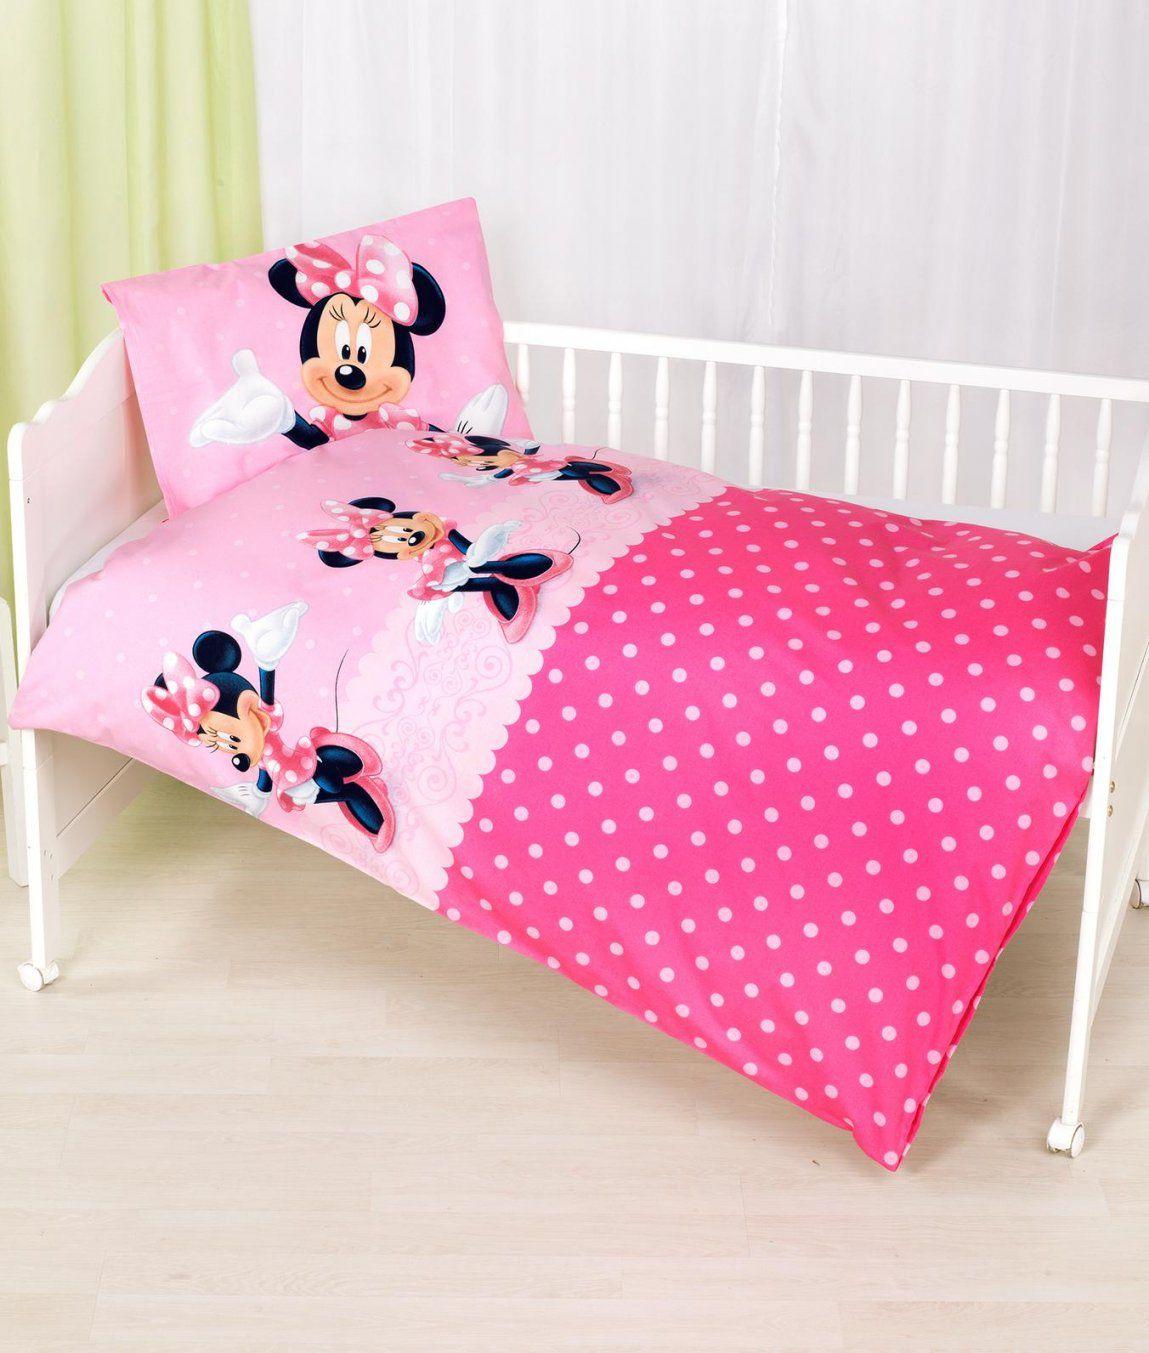 disney mickey oder minnie maus einzeln junior bettbezug sets kinder von minni maus bettw sche. Black Bedroom Furniture Sets. Home Design Ideas